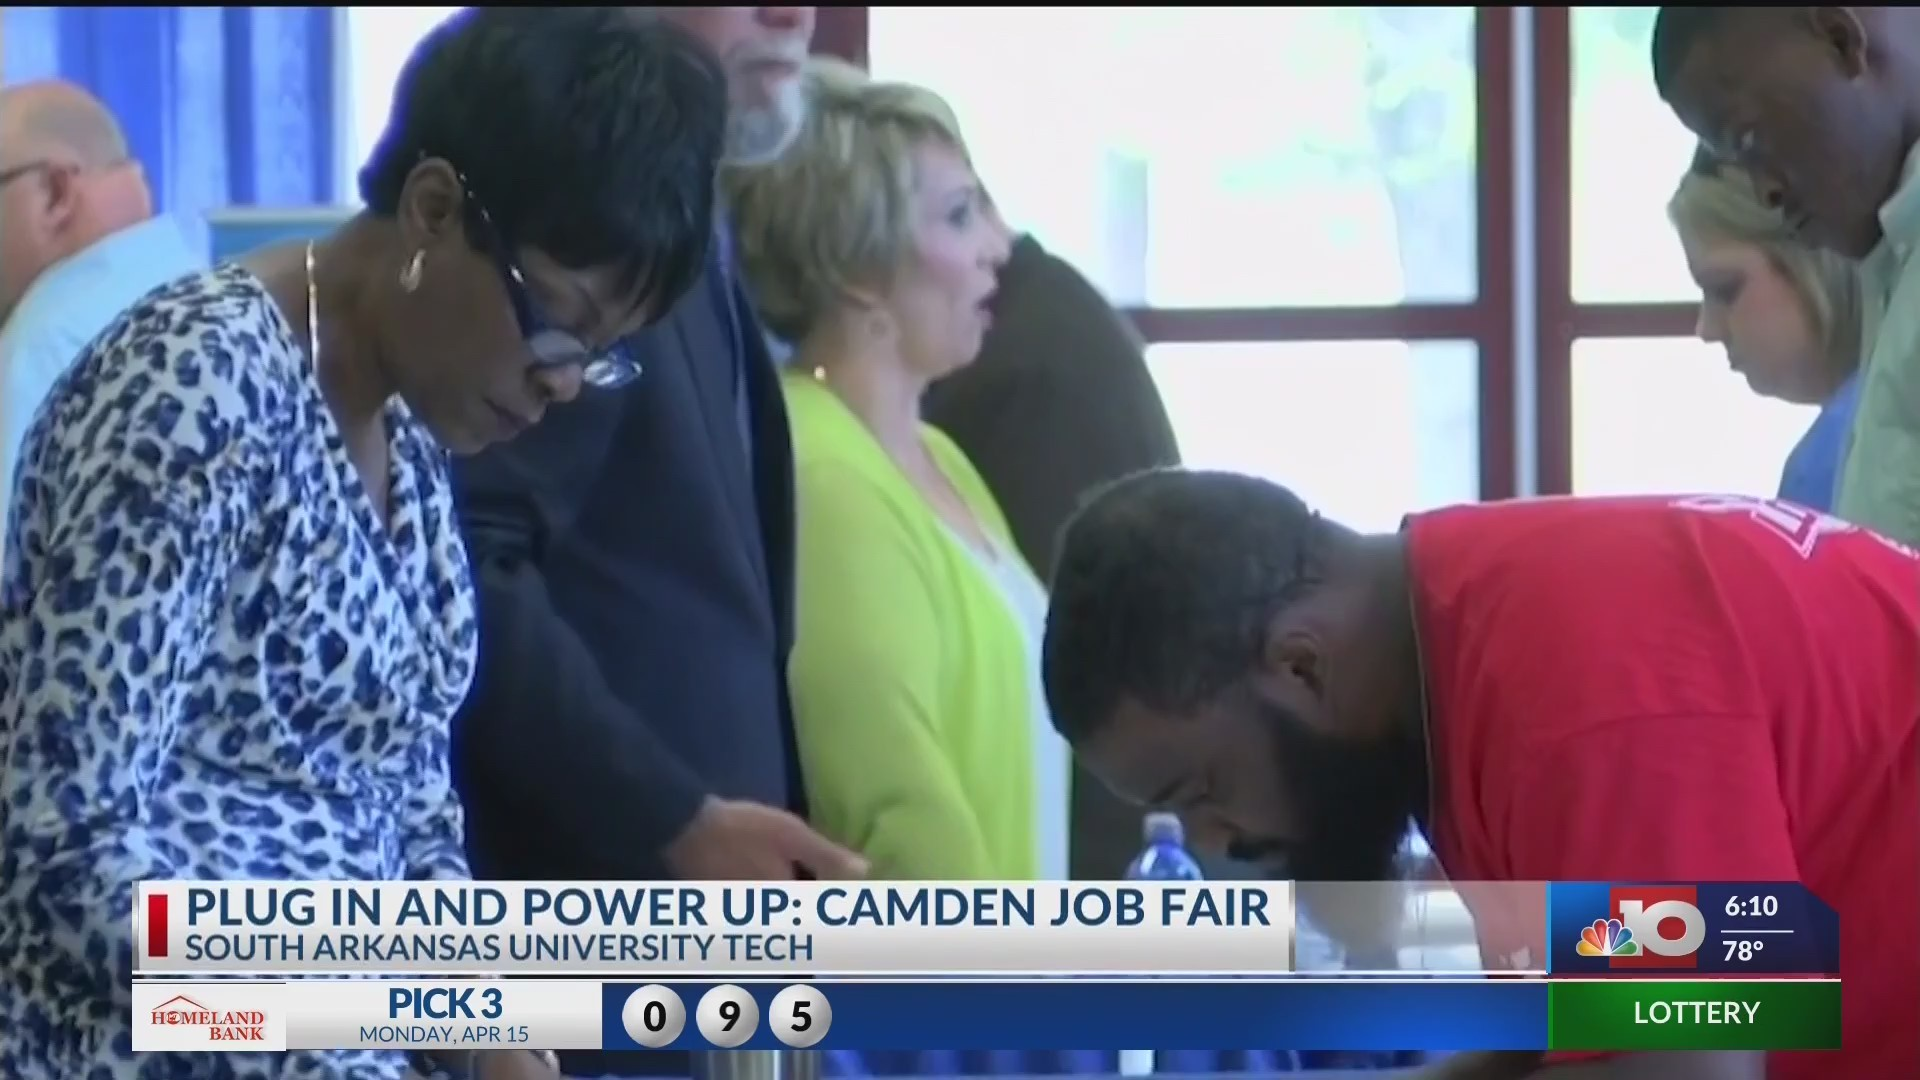 Camden community hosts job fair